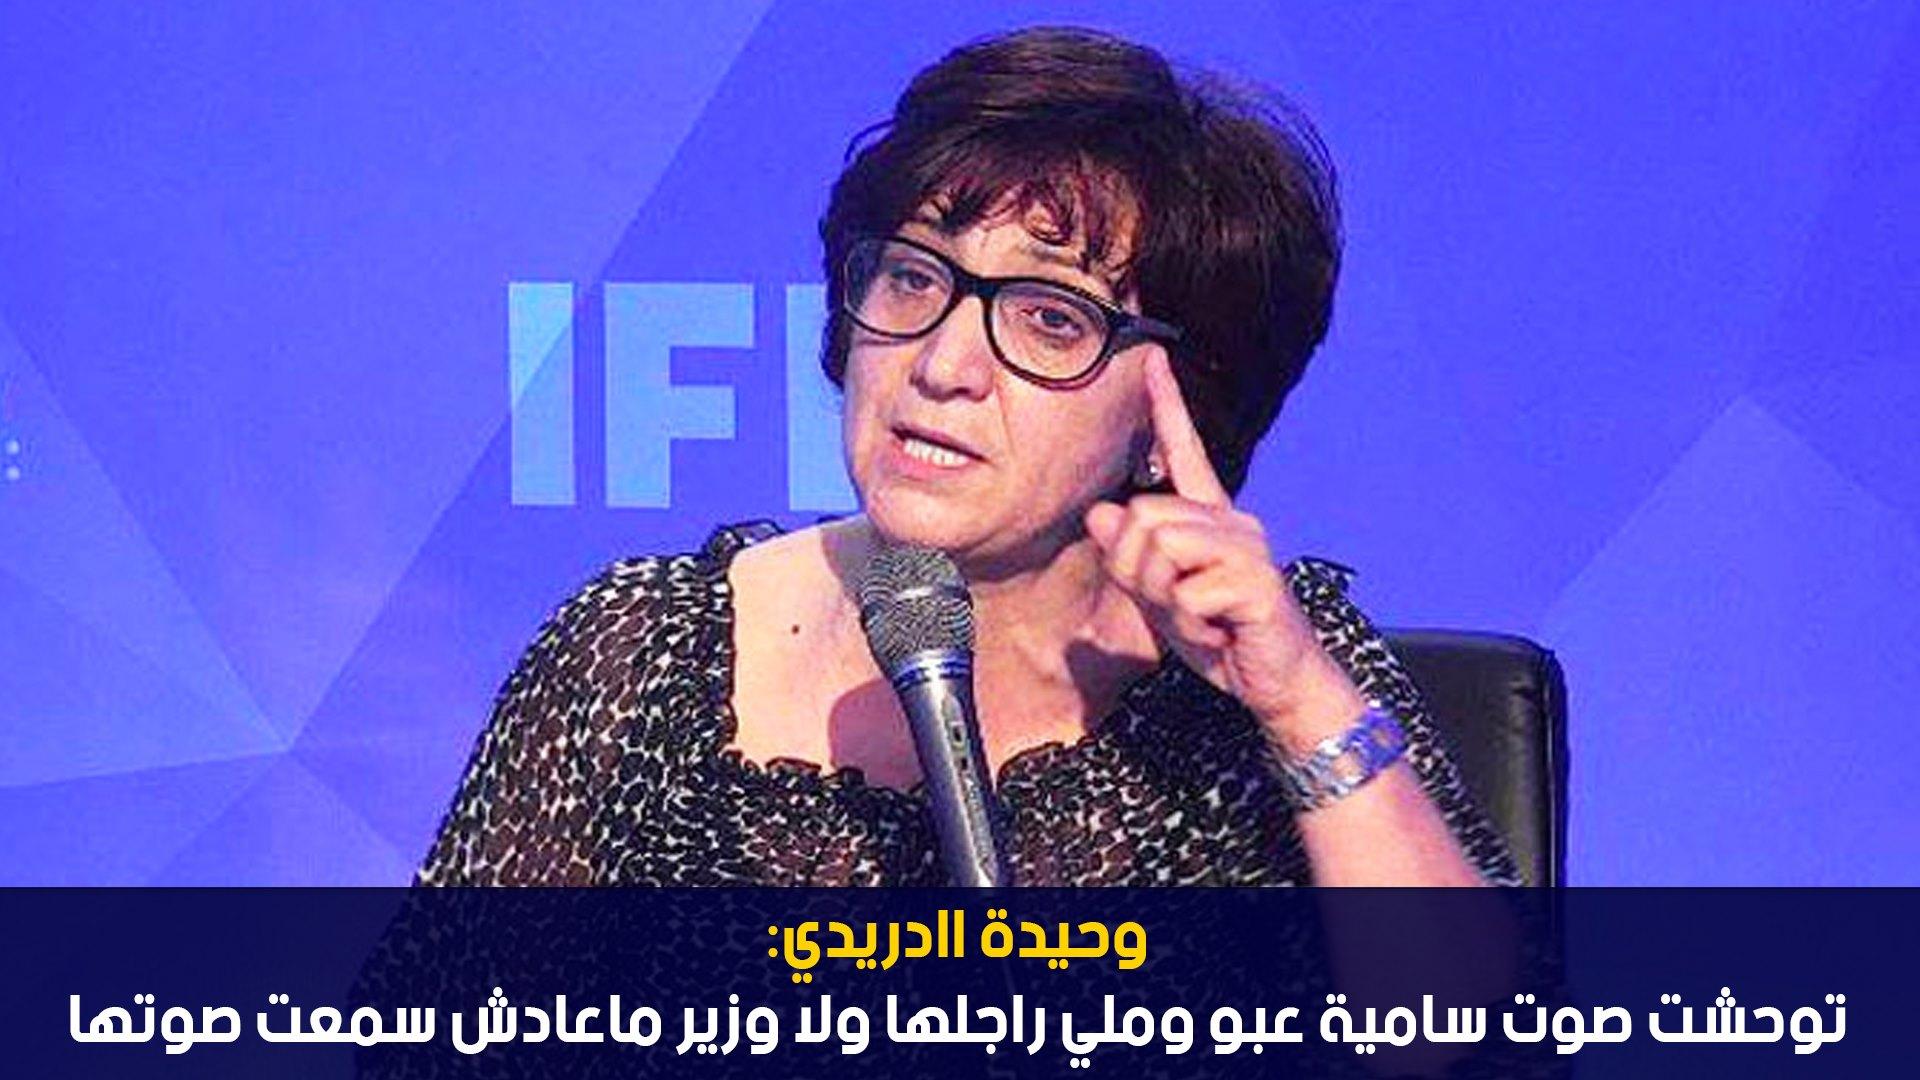 وحيدة الدريدي :توحشت صوت سامية عبو وملي راجلها ولا وزير ماعادش سمعت صوتها